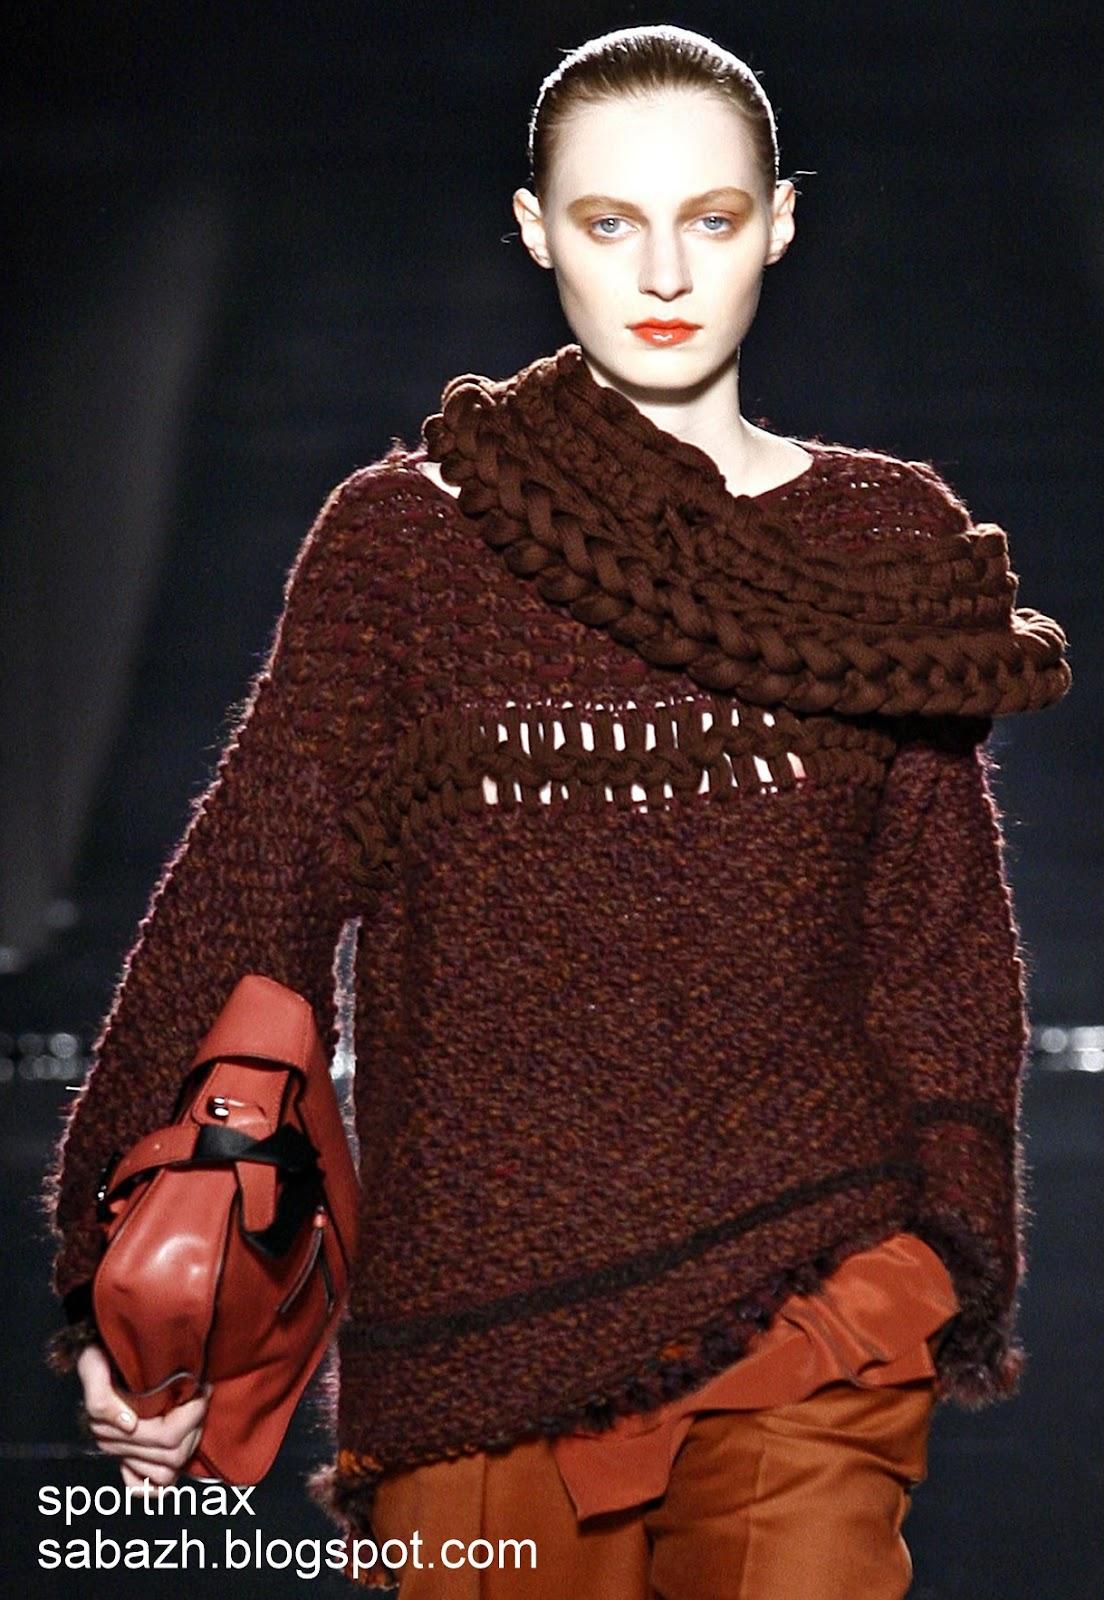 Sportmax осінь-зима 2011/2012